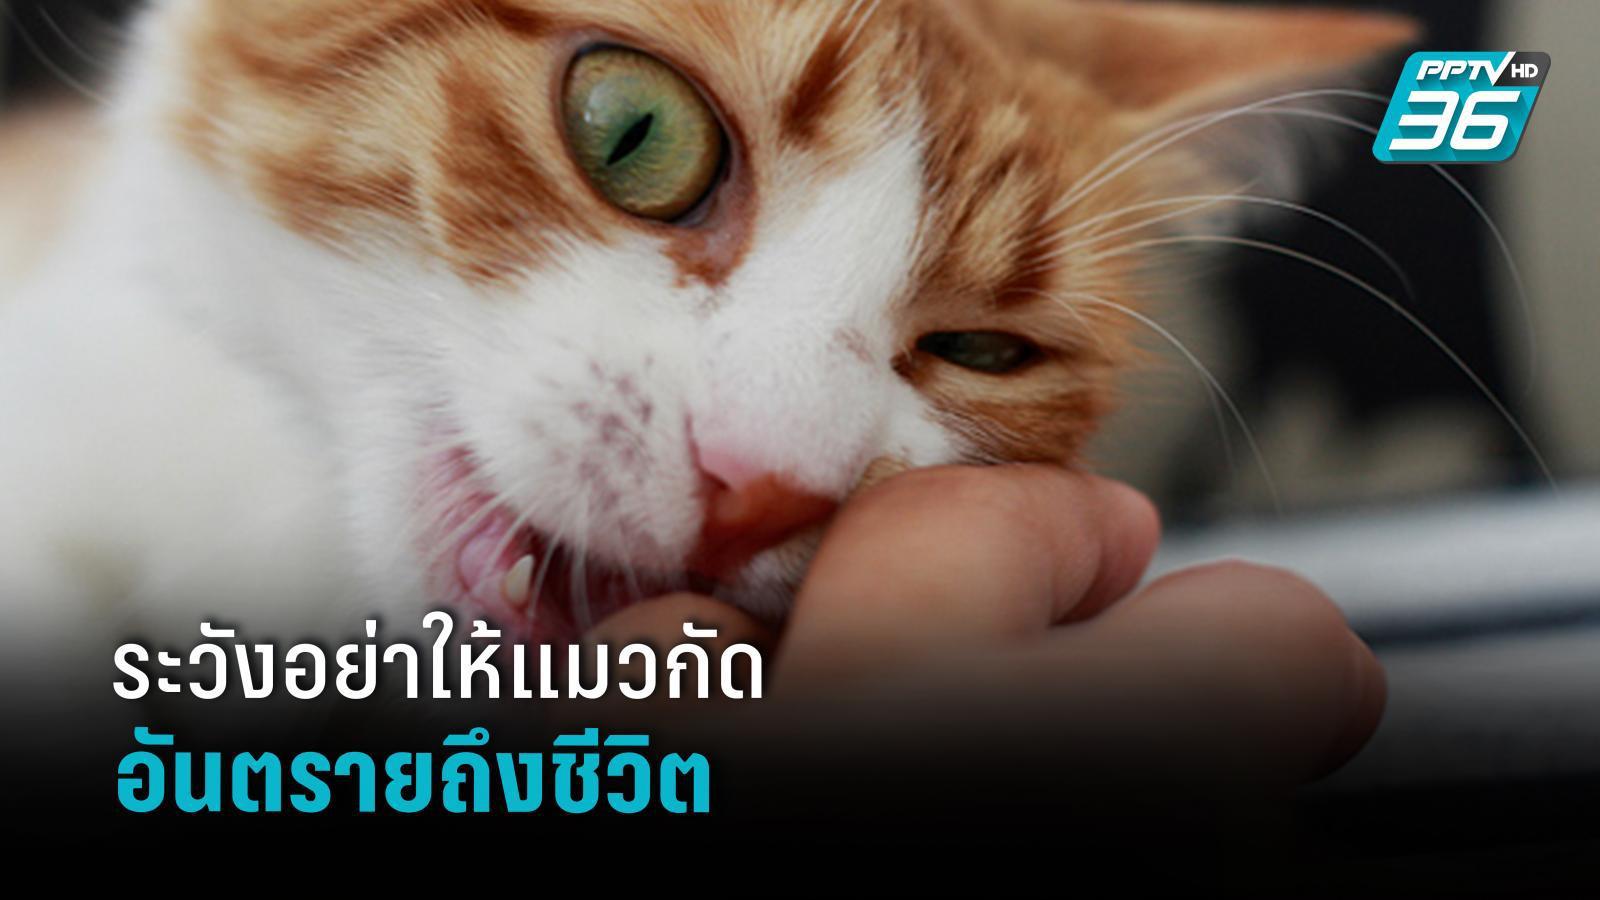 รู้หรือไม่....แผลที่ถูกแมวกัด อันตรายกว่าที่ถูกสุนัขกัด